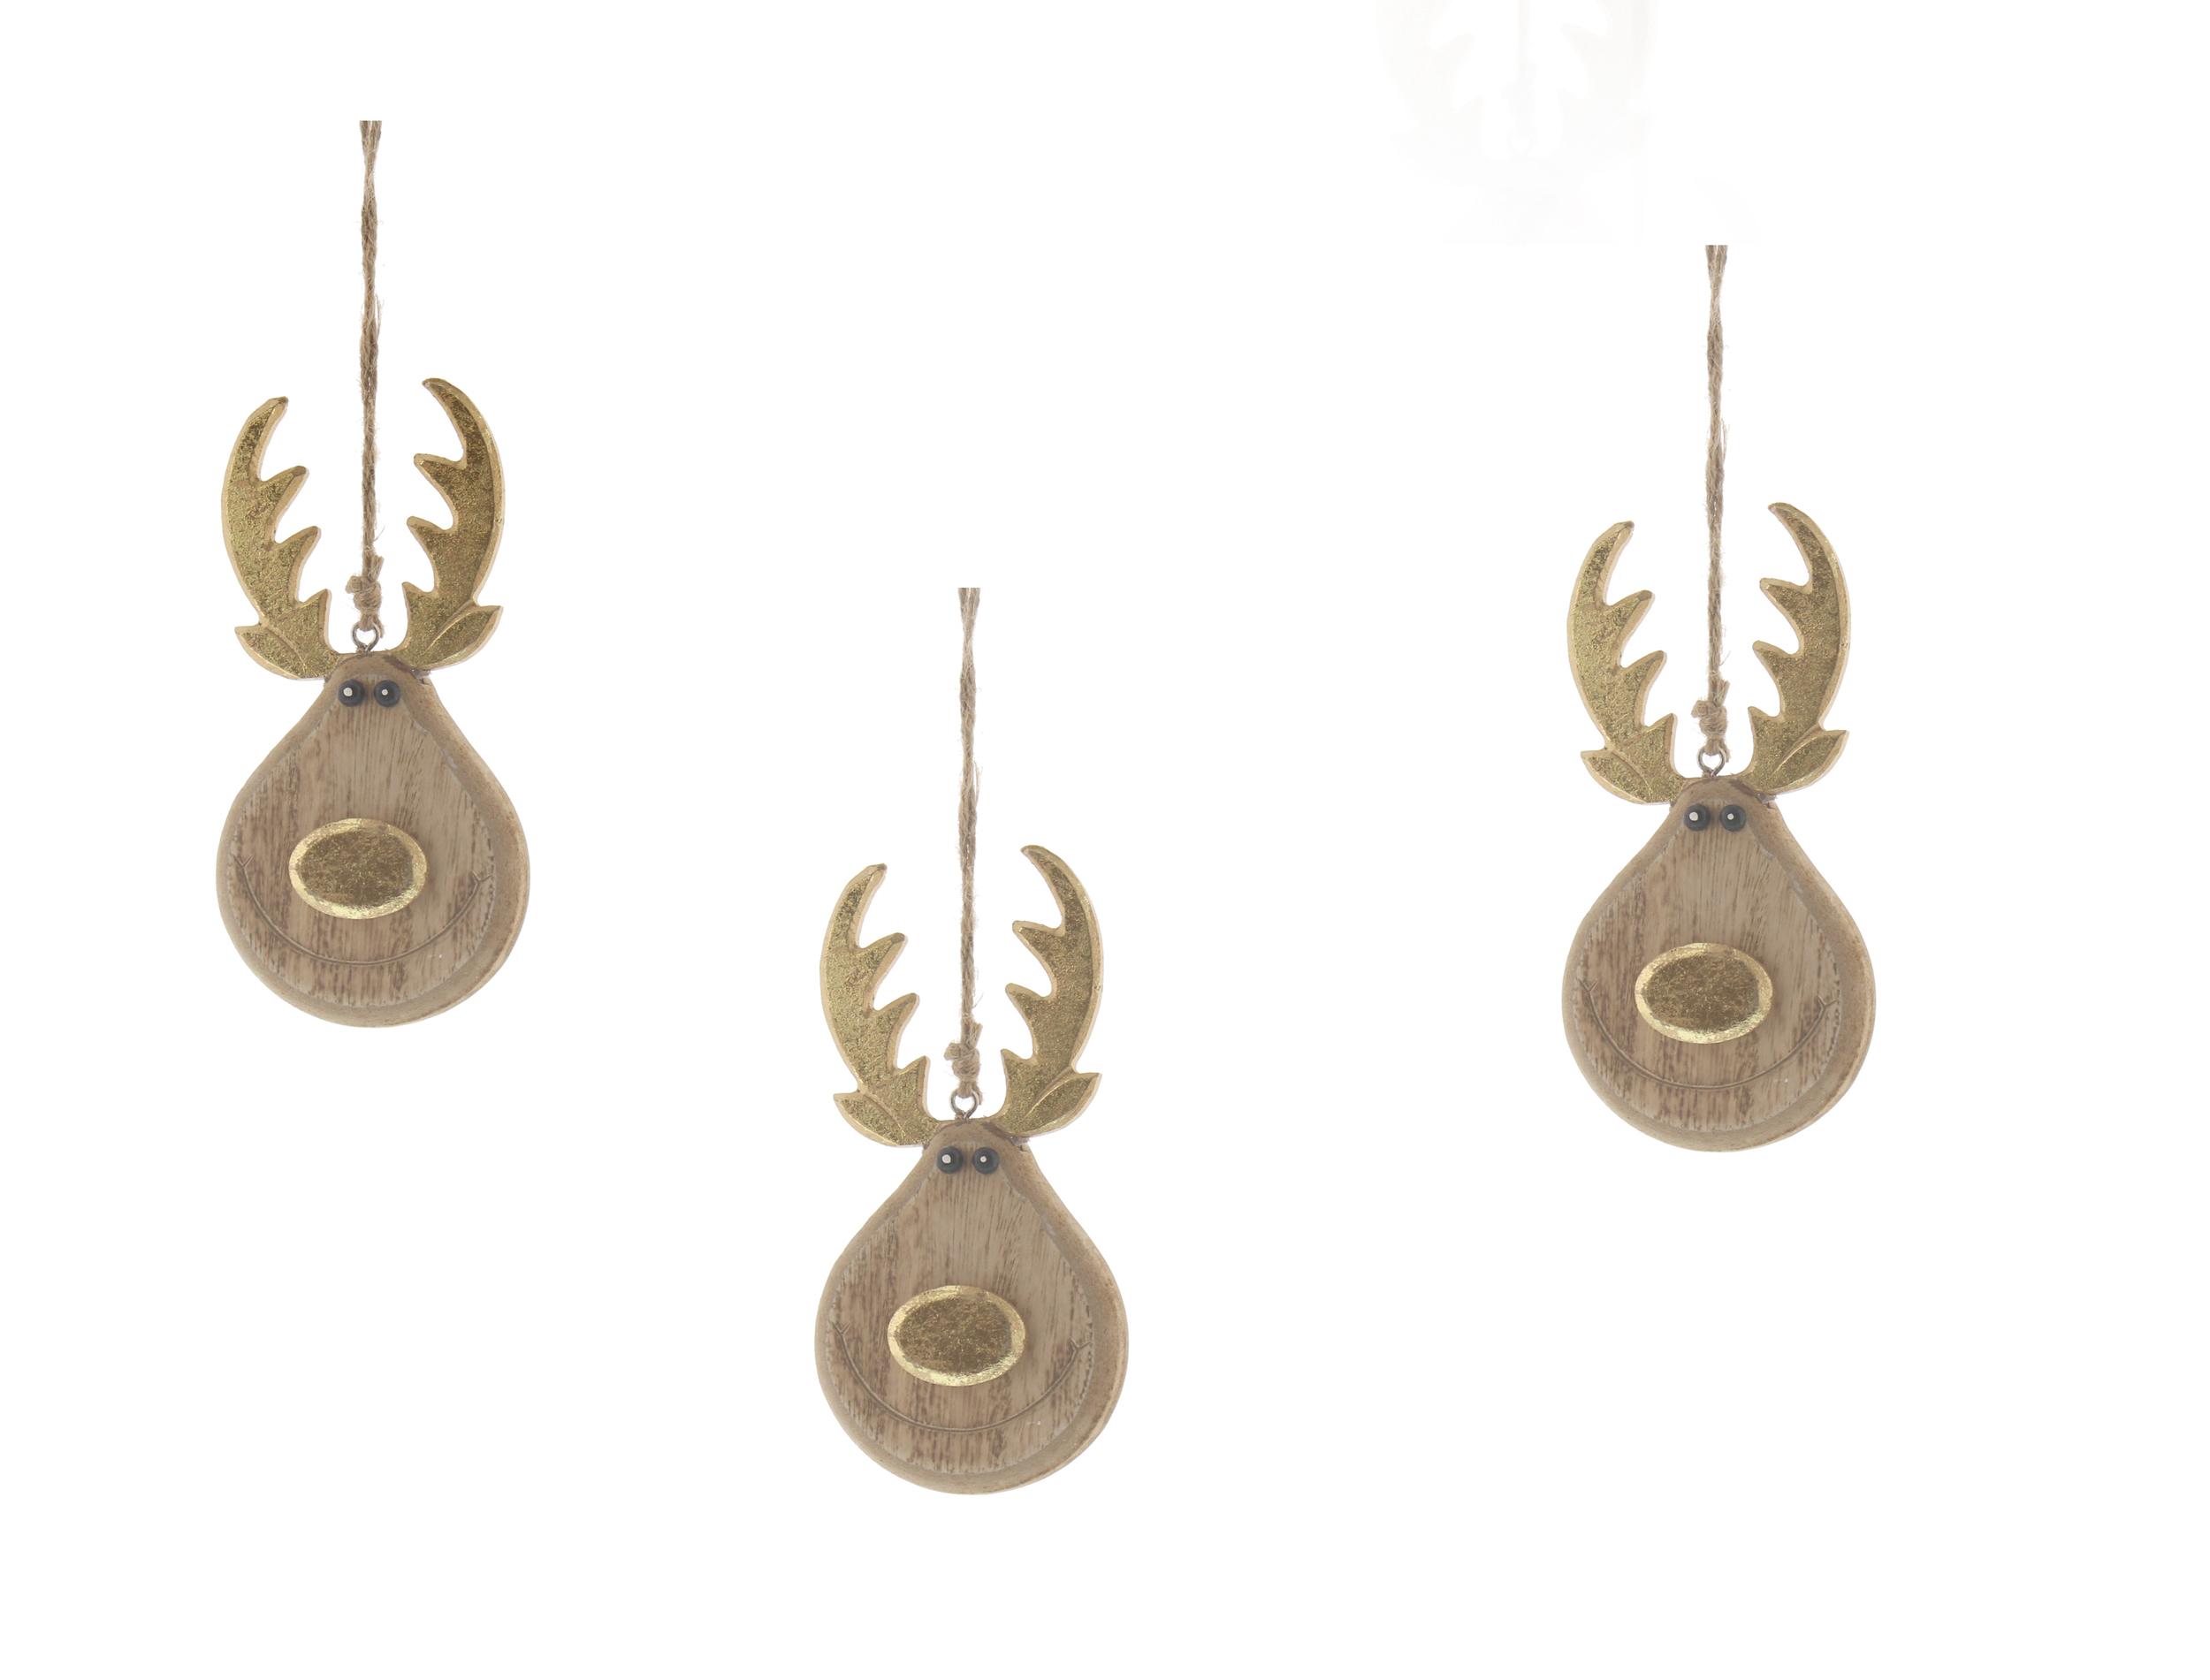 Alberi Di Natale In Legno Da Appendere : Legno naturale renna scandi albero di natale decorazioni da